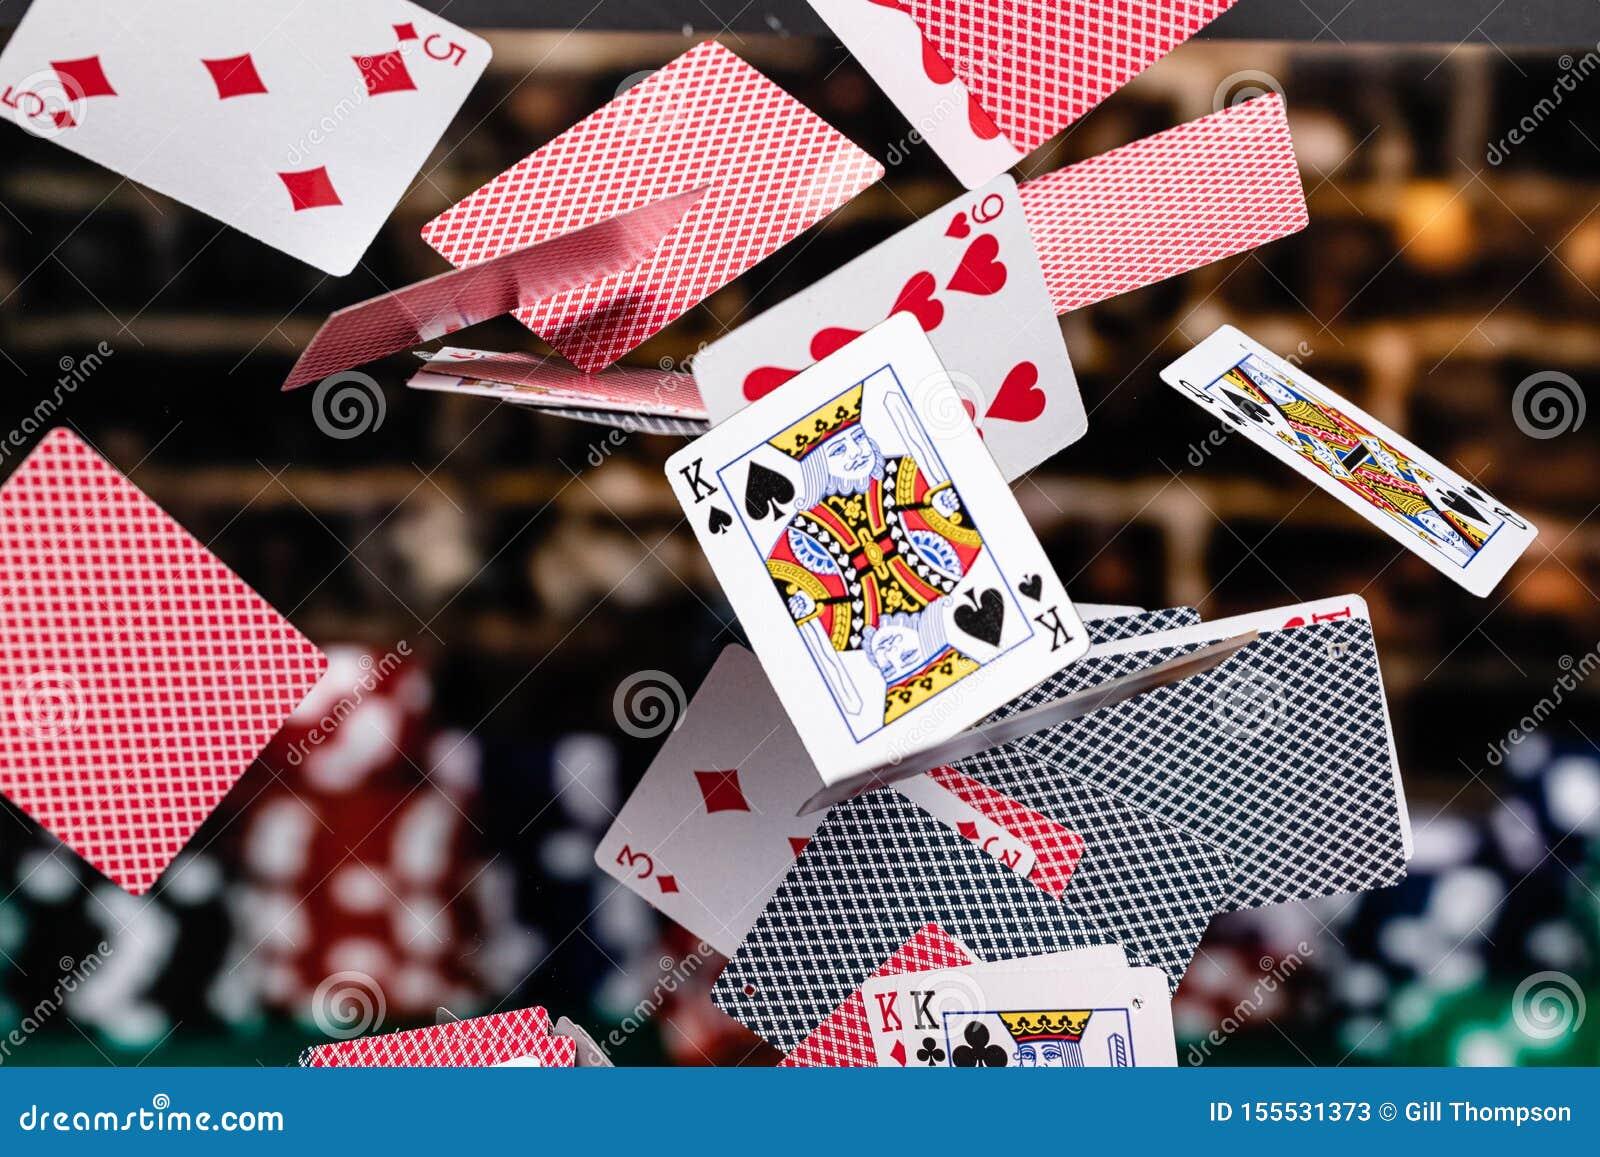 Rode en Blauwe gesteunde Speelkaarten die voor een achtergrond van gestapelde pookspaanders draperen